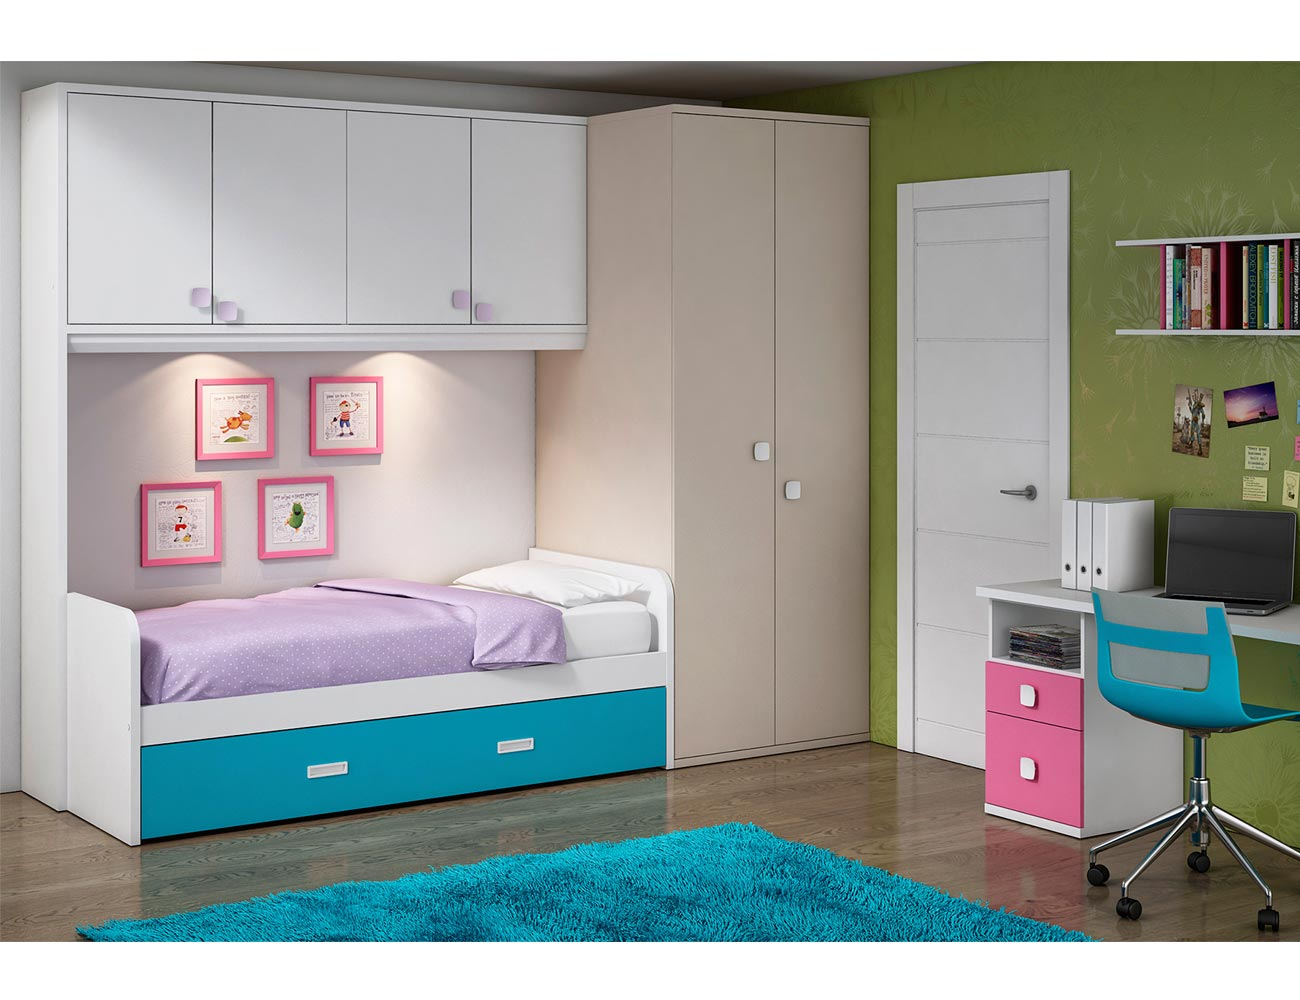 Dormitorio juvenil con puente y armario con superfondo 13236 factory del mueble utrera - Muebles utrera ...